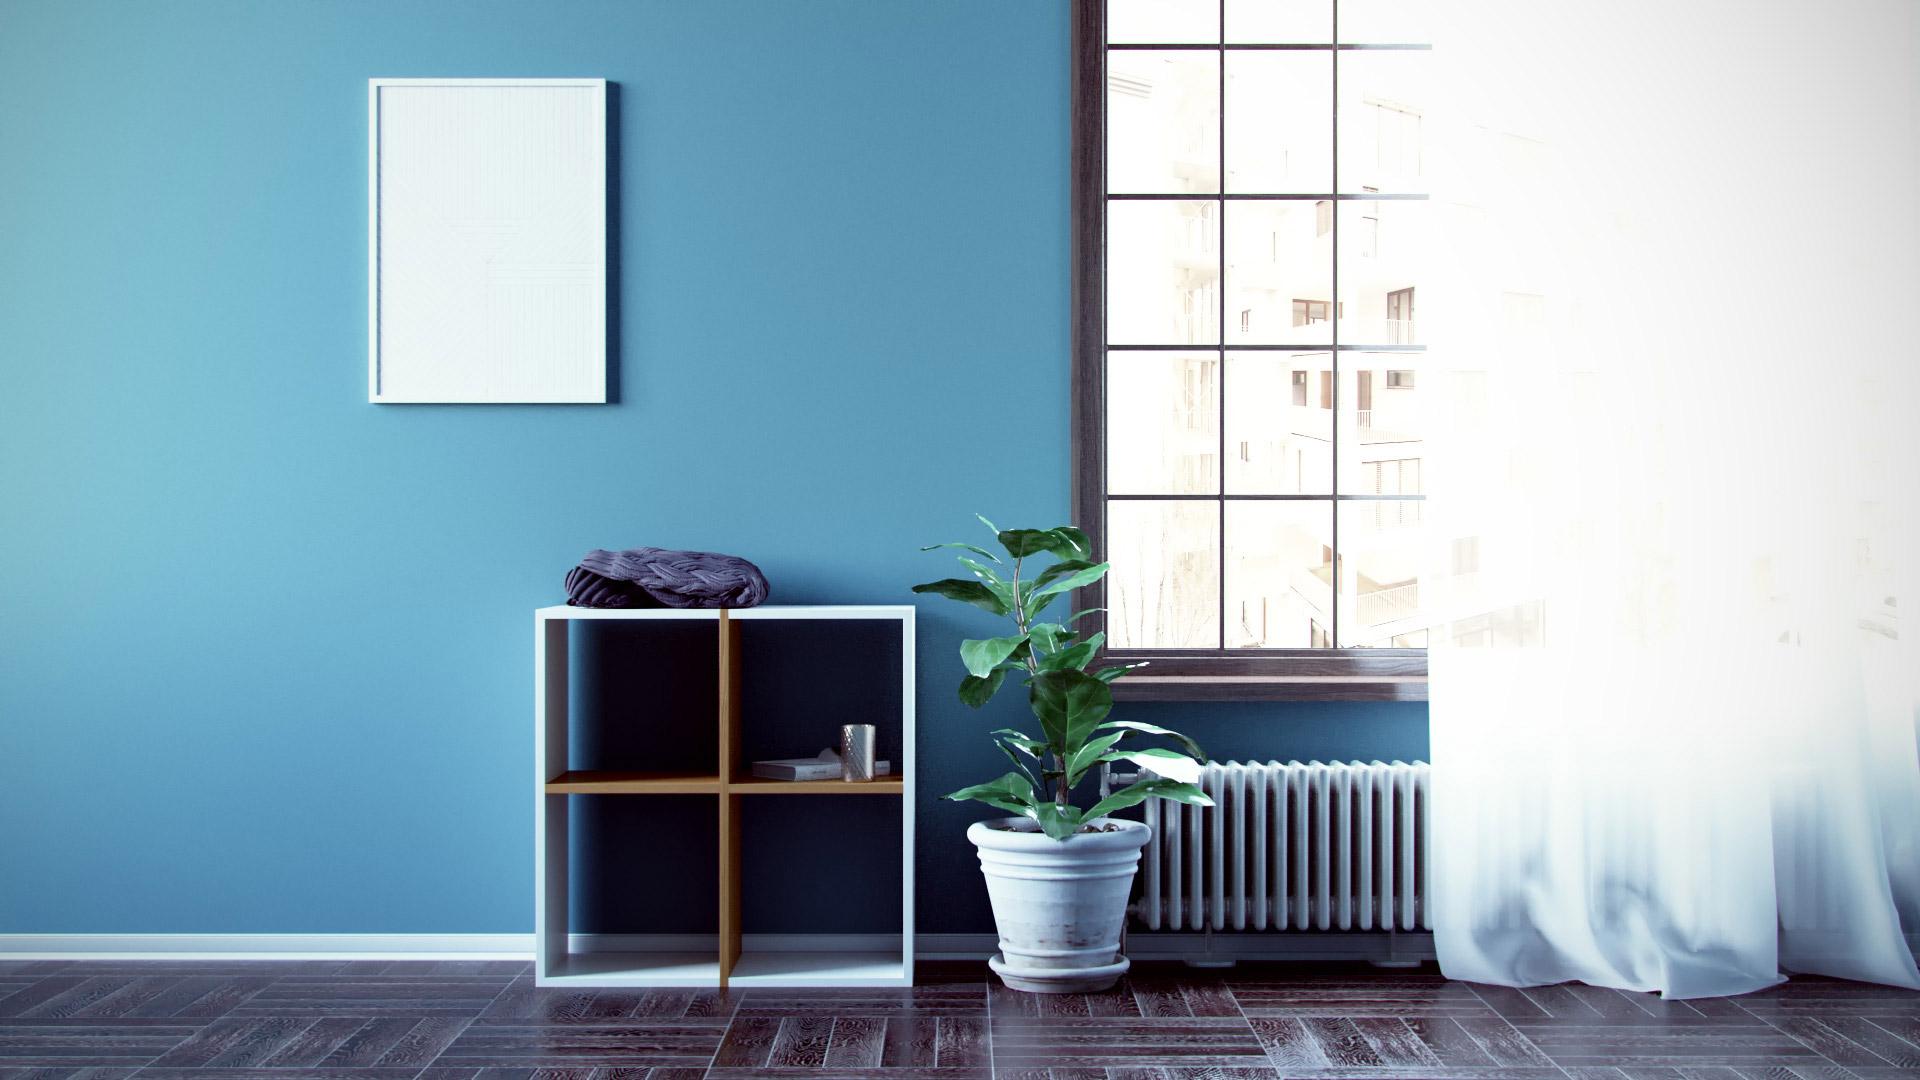 schmale kleine regale selbst gestalten regale bei mycs schweiz. Black Bedroom Furniture Sets. Home Design Ideas